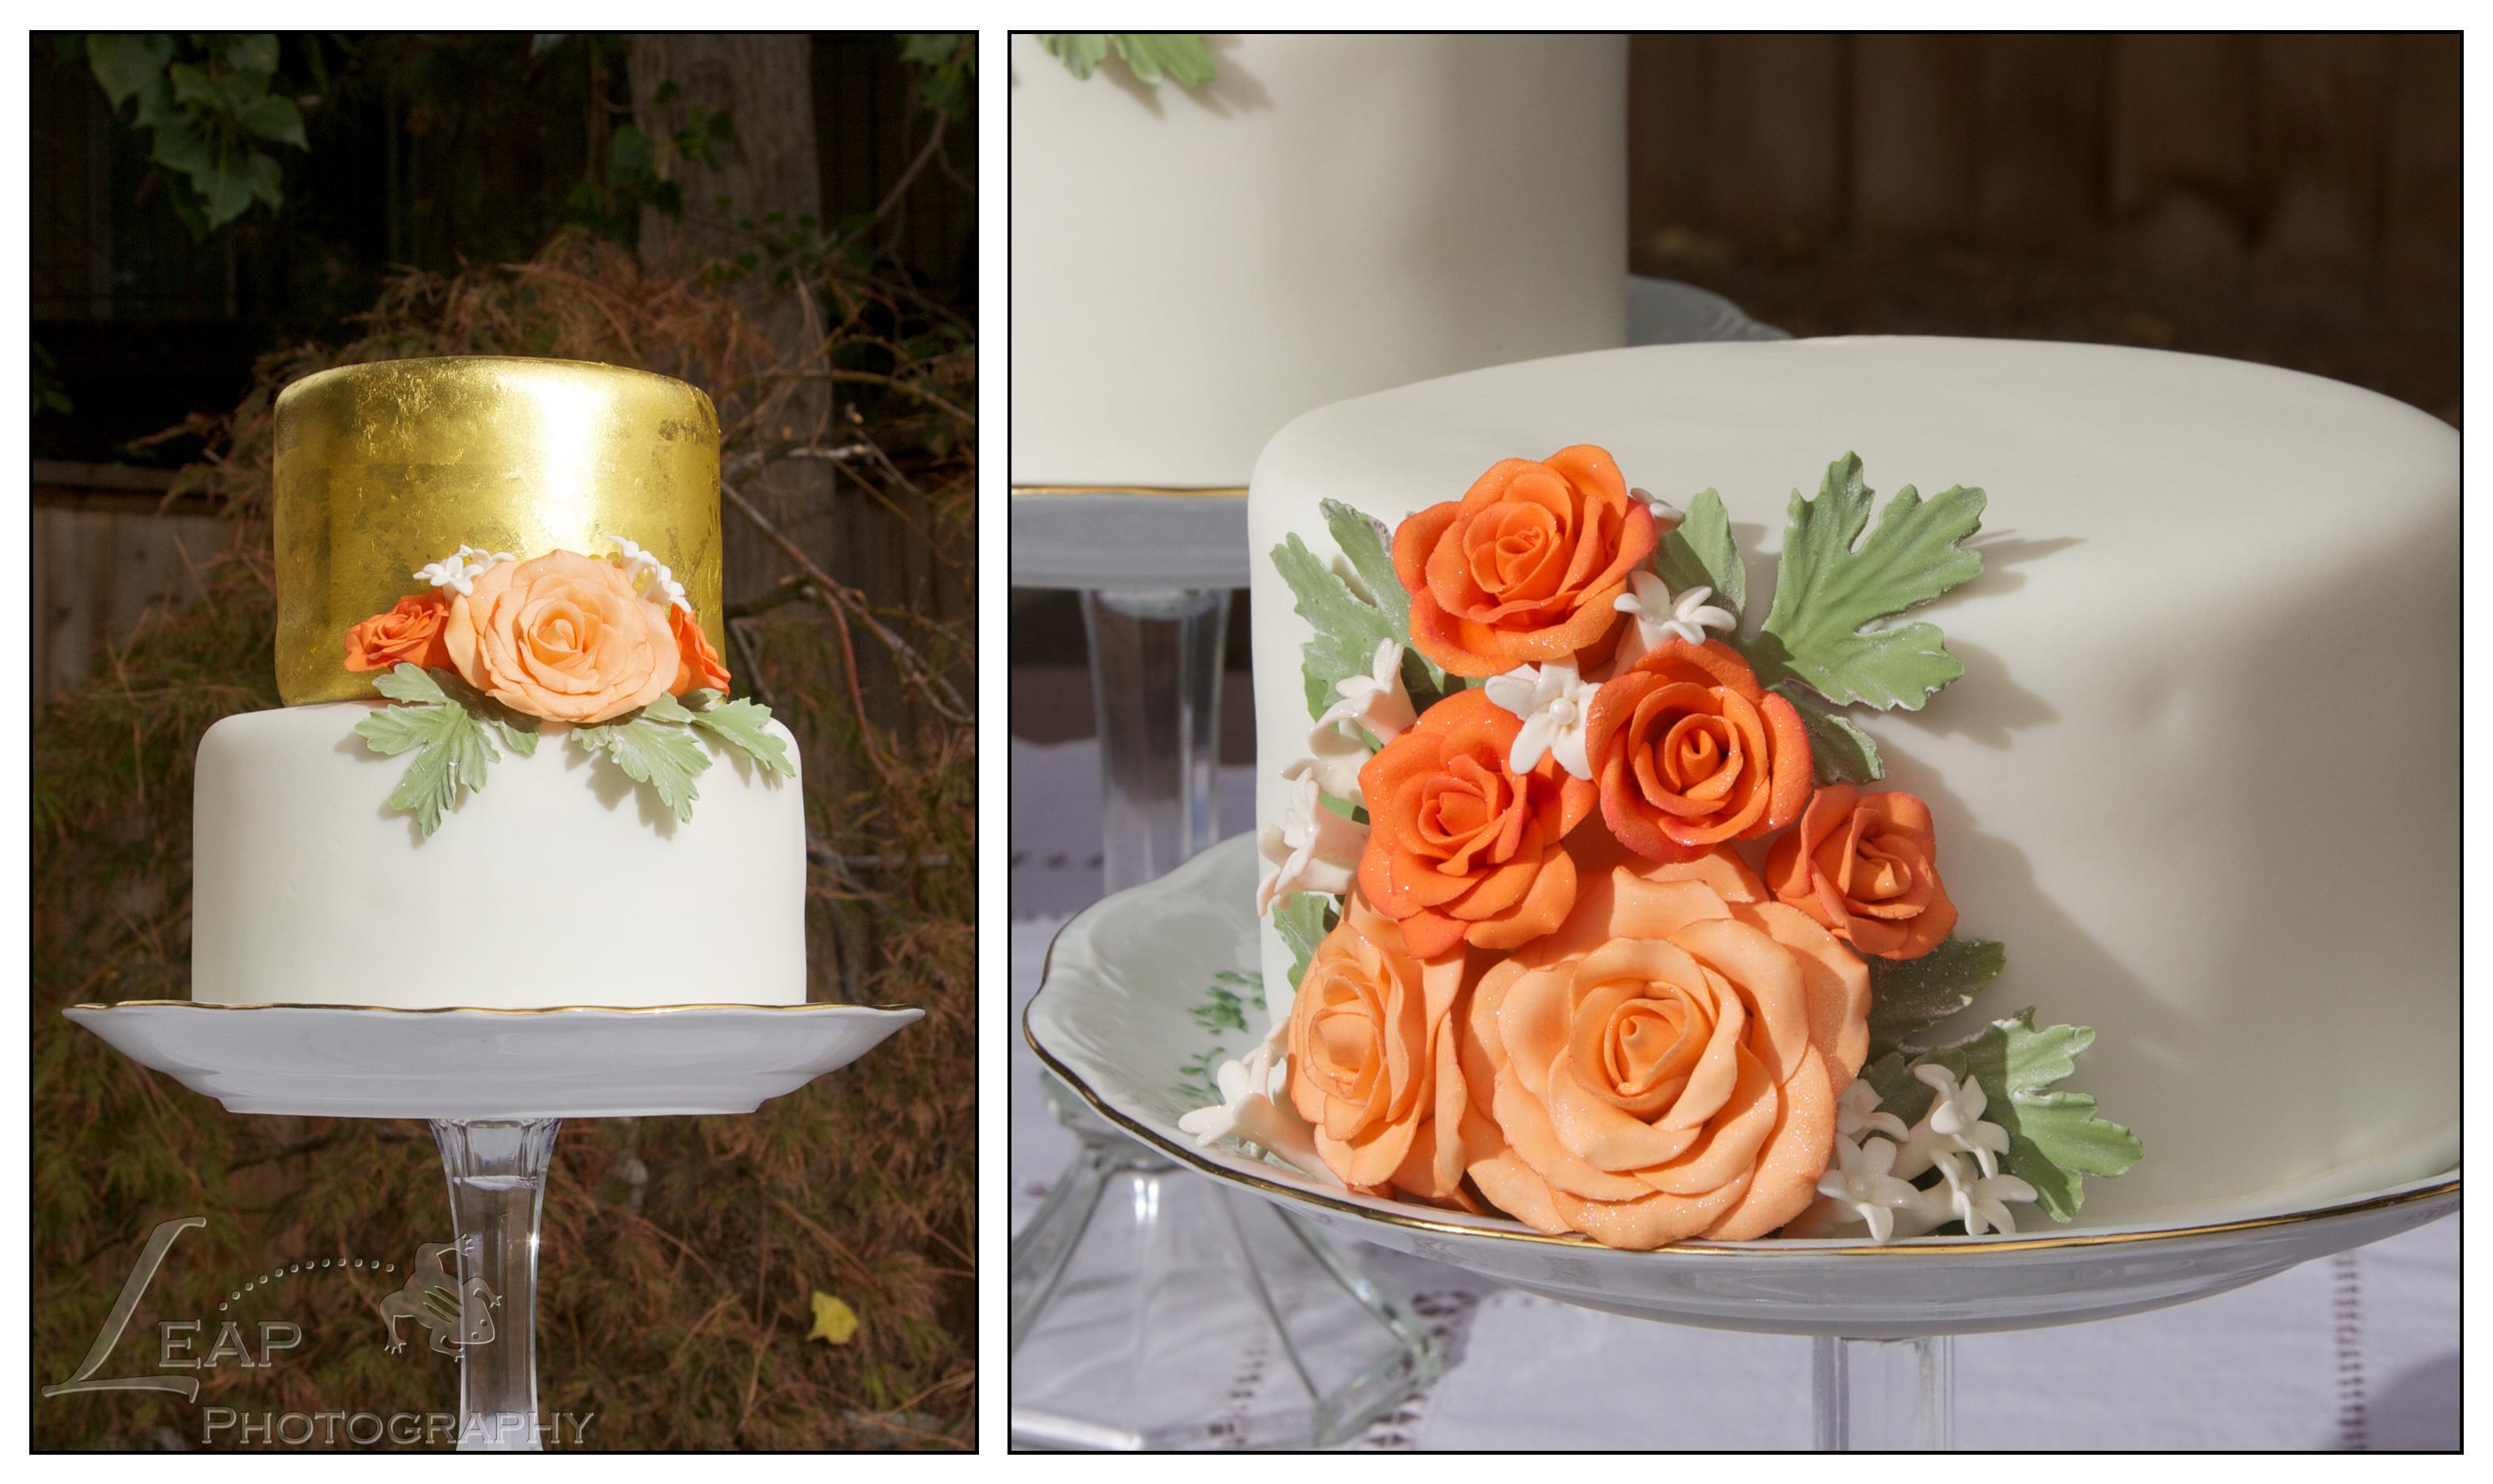 wedding cake, Boise Weddings